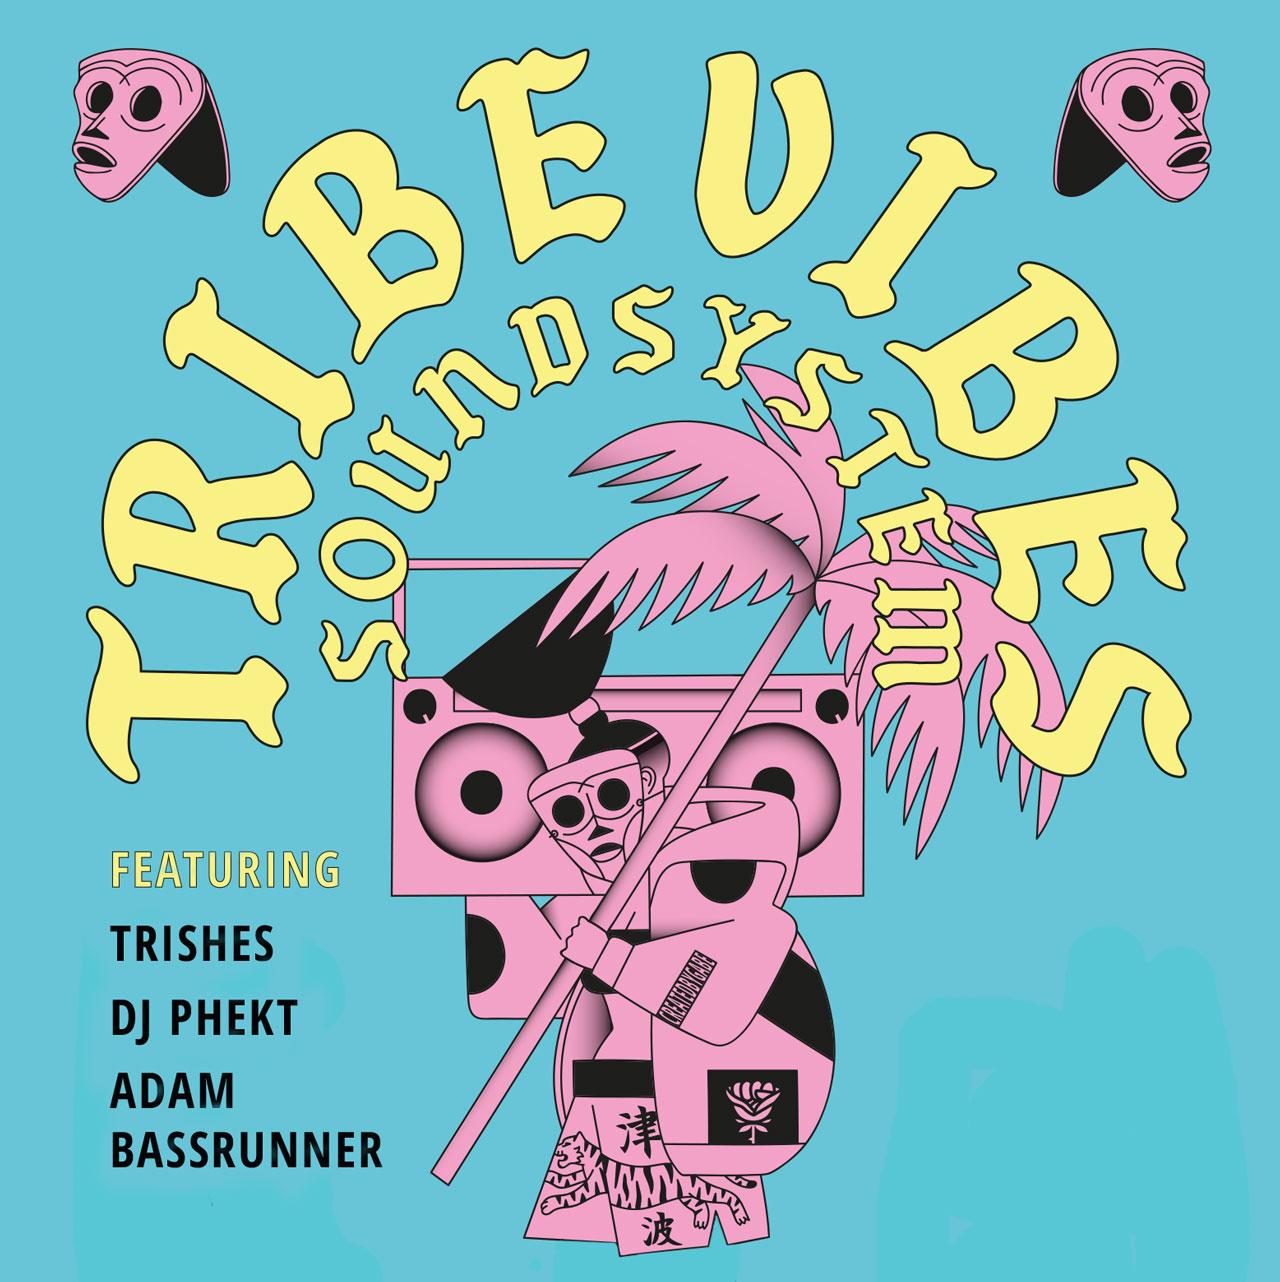 Plakat zur FM4 Tribe Vibes Tour